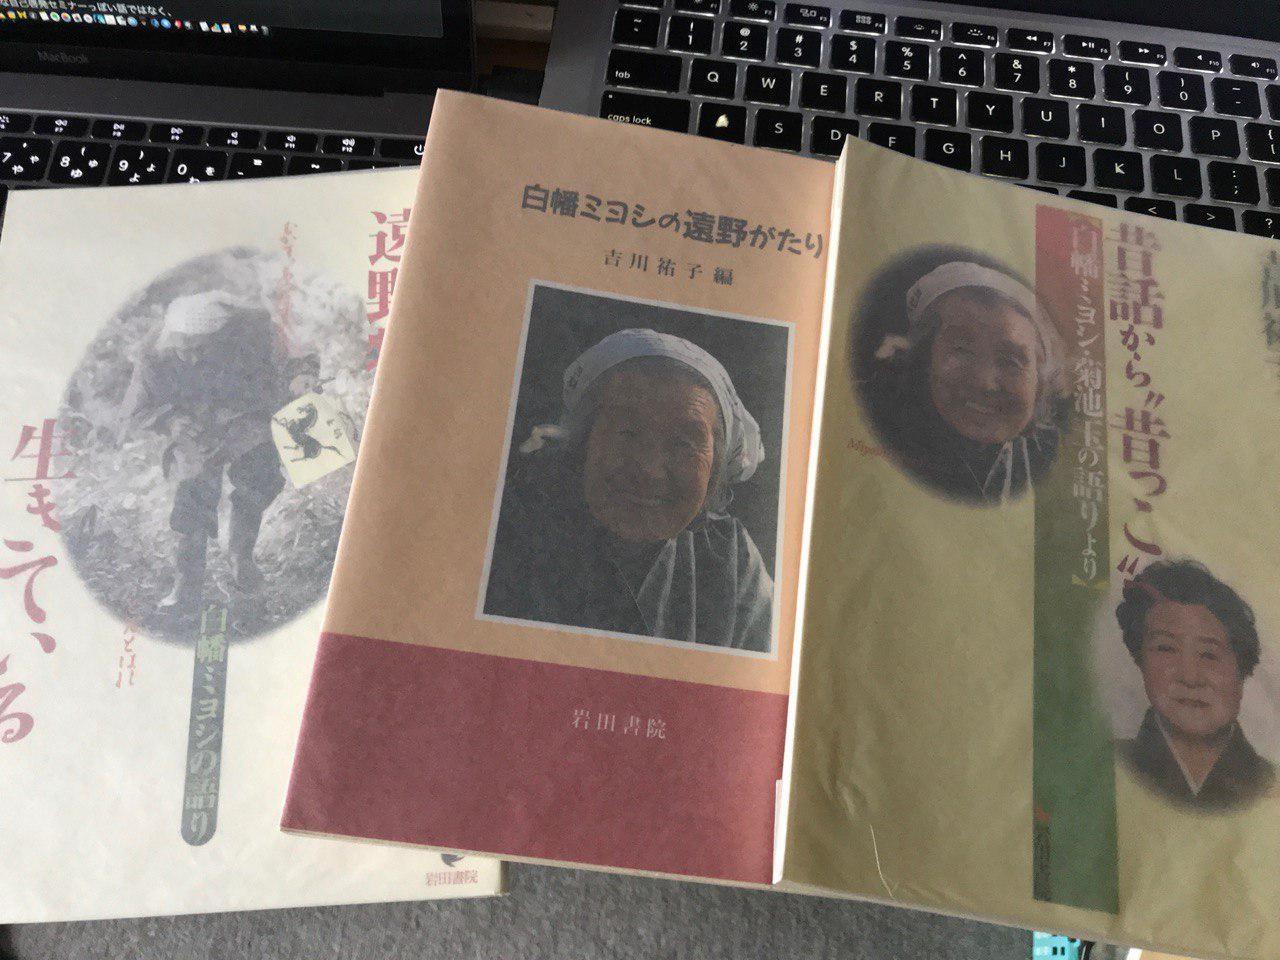 手元にあったミヨシさんと菊池玉さんの本。グラシン紙で日焼け予防しているので、ちょっと見にくいですが。